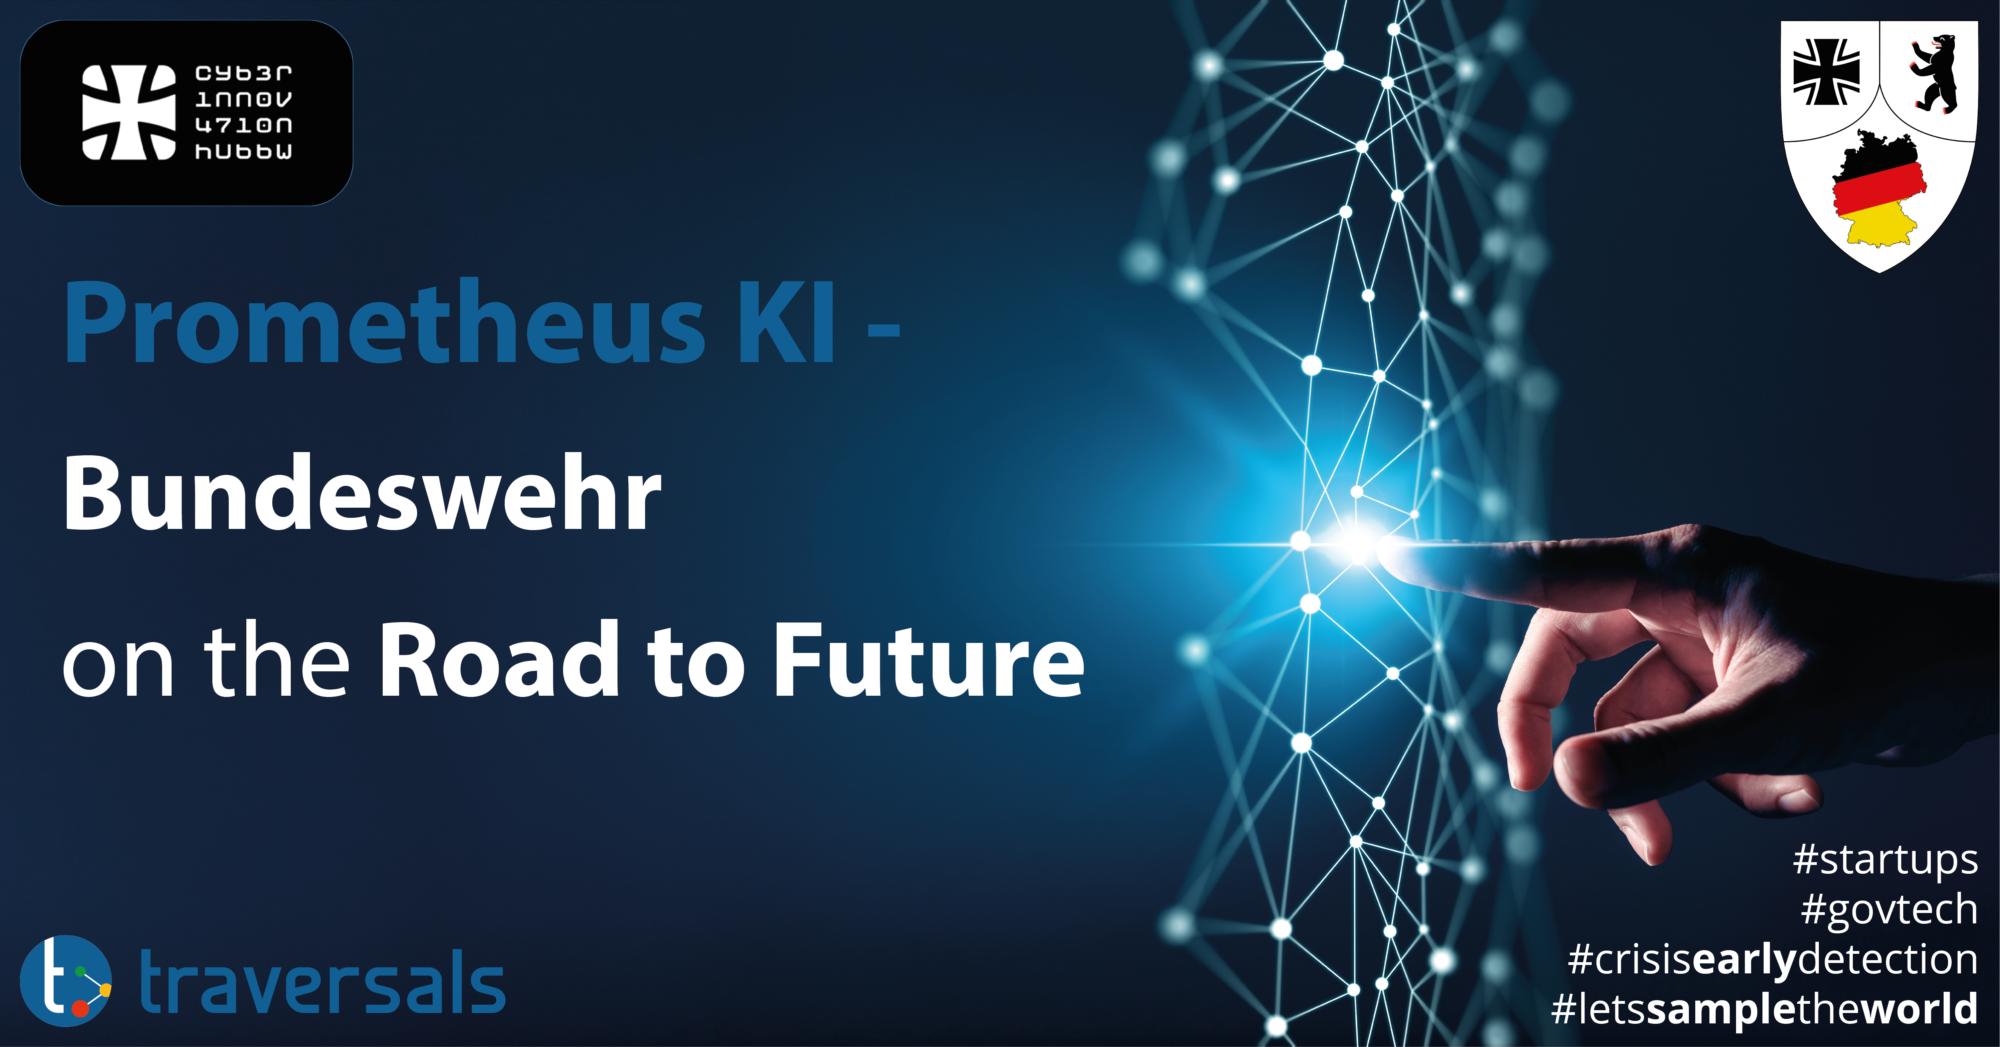 Prometheus KI - Bundeswehr on the Road to Future